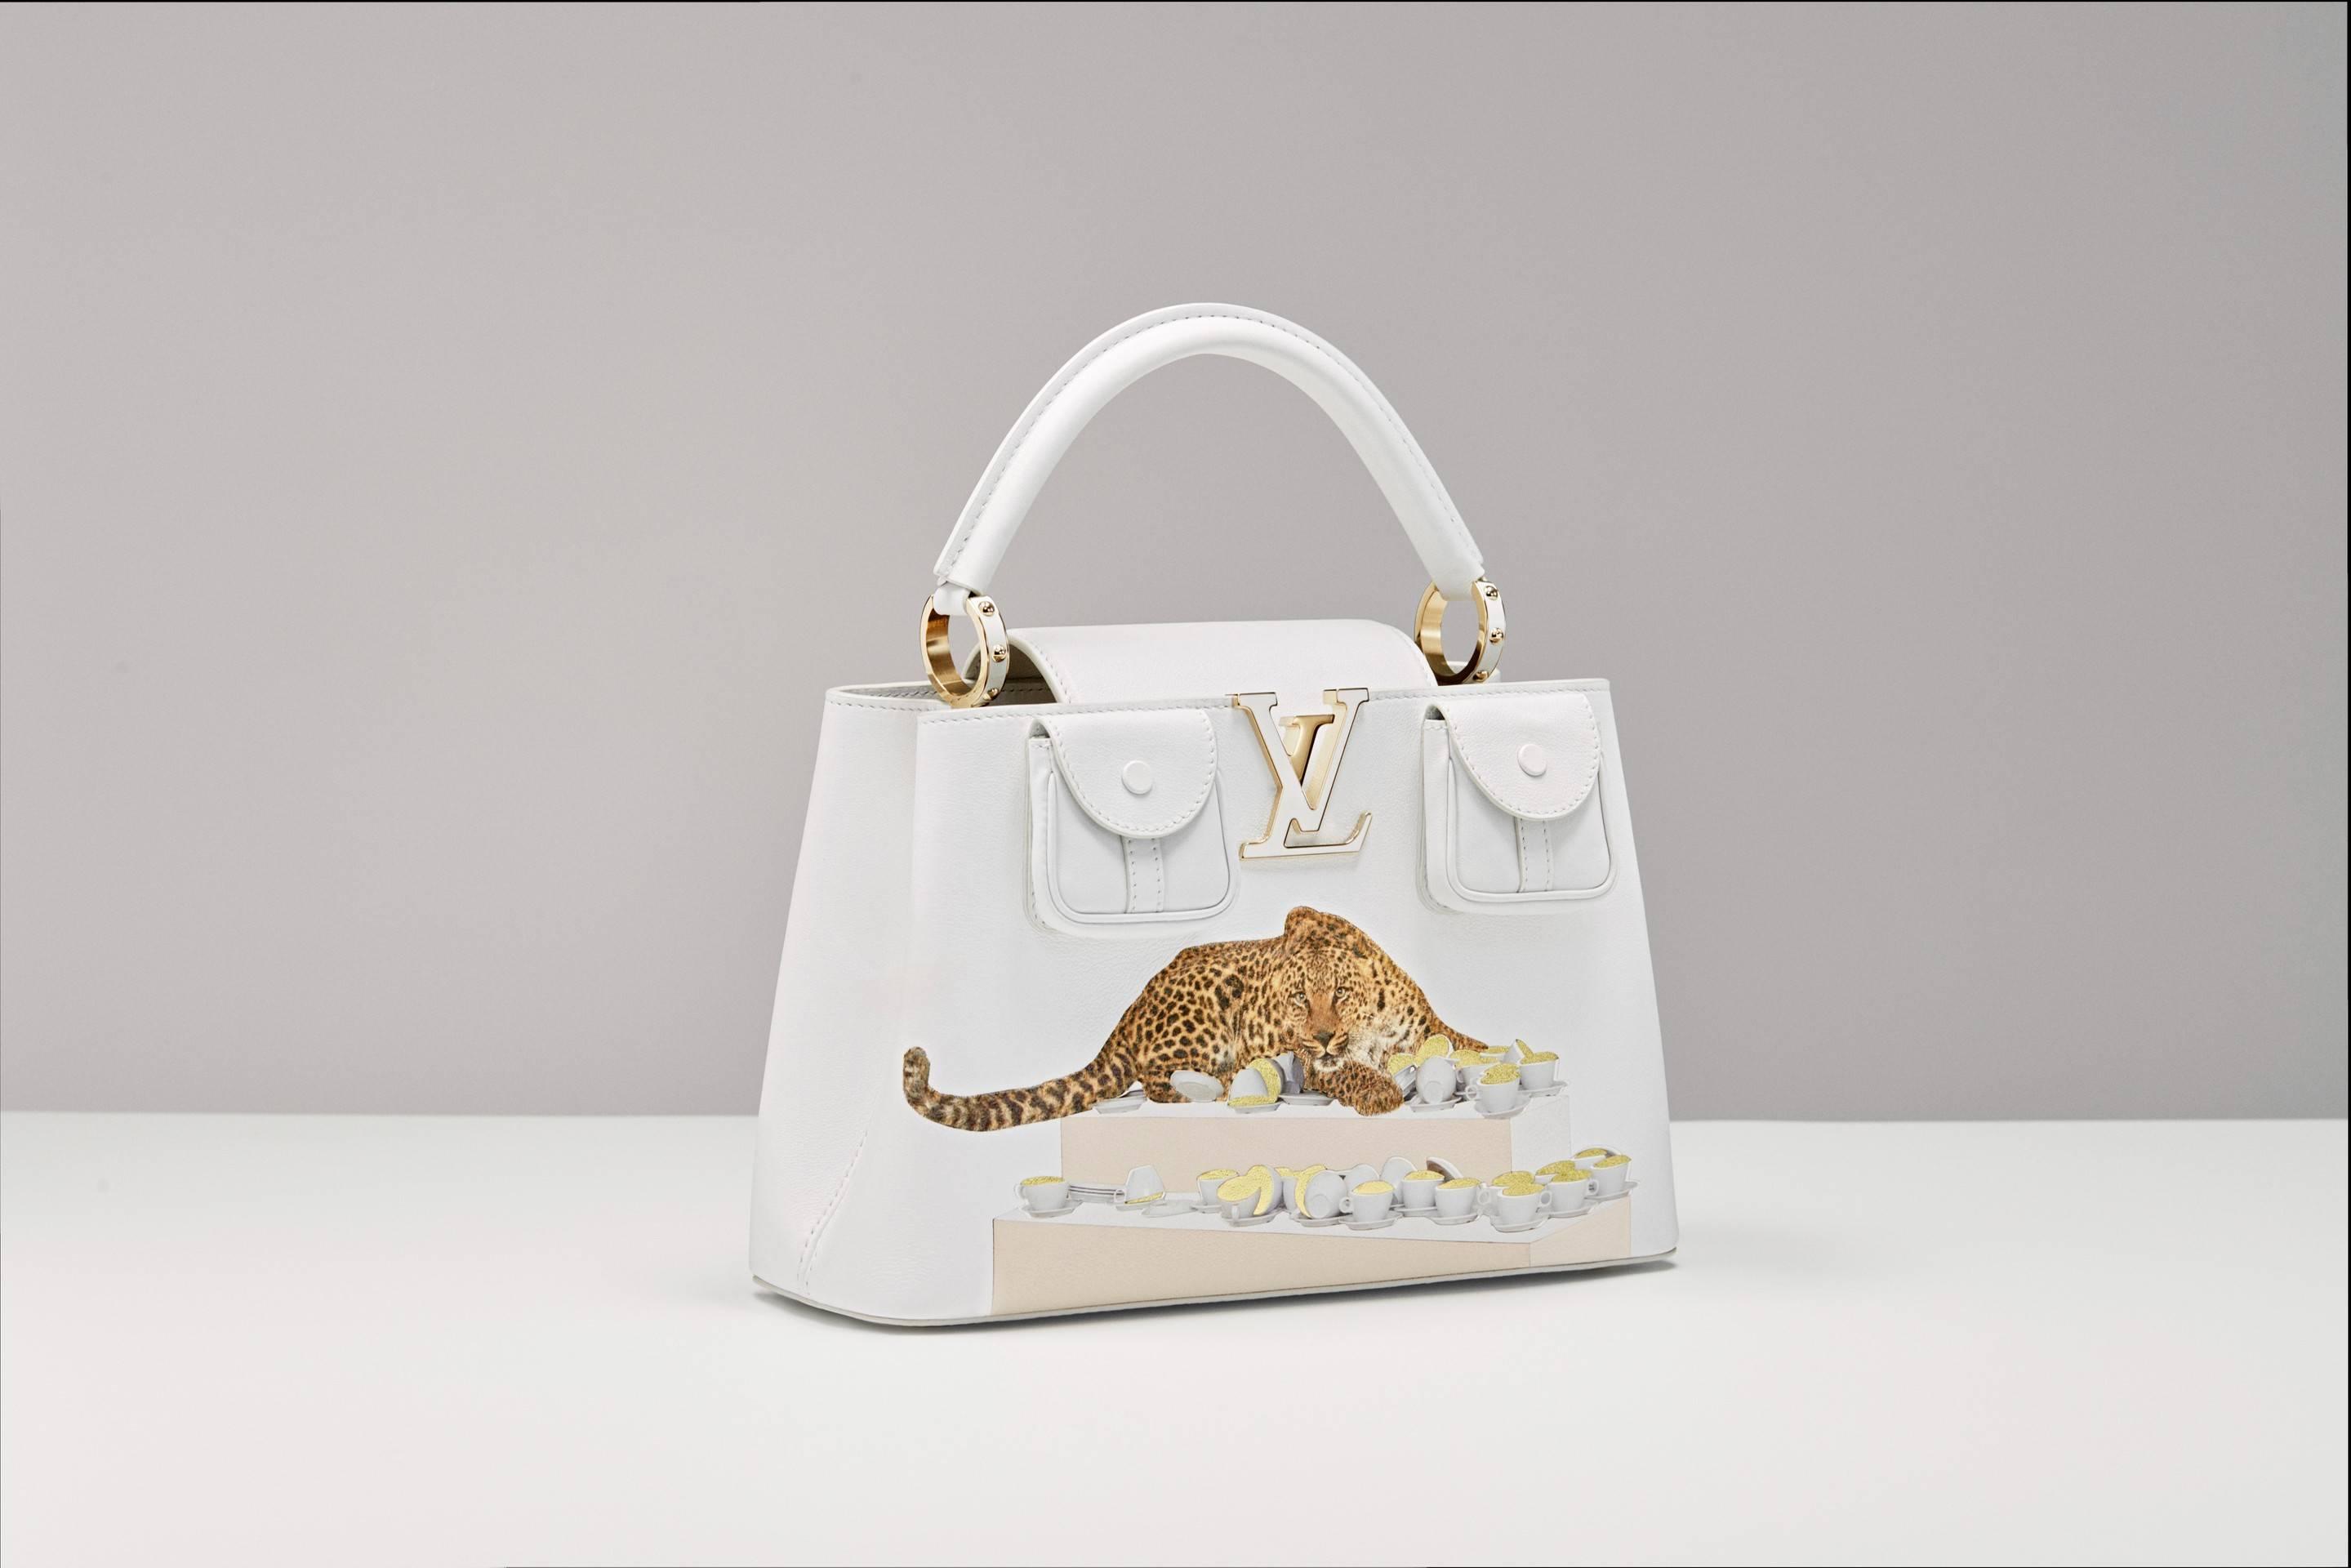 Louis Vuitton, Paola Pivi